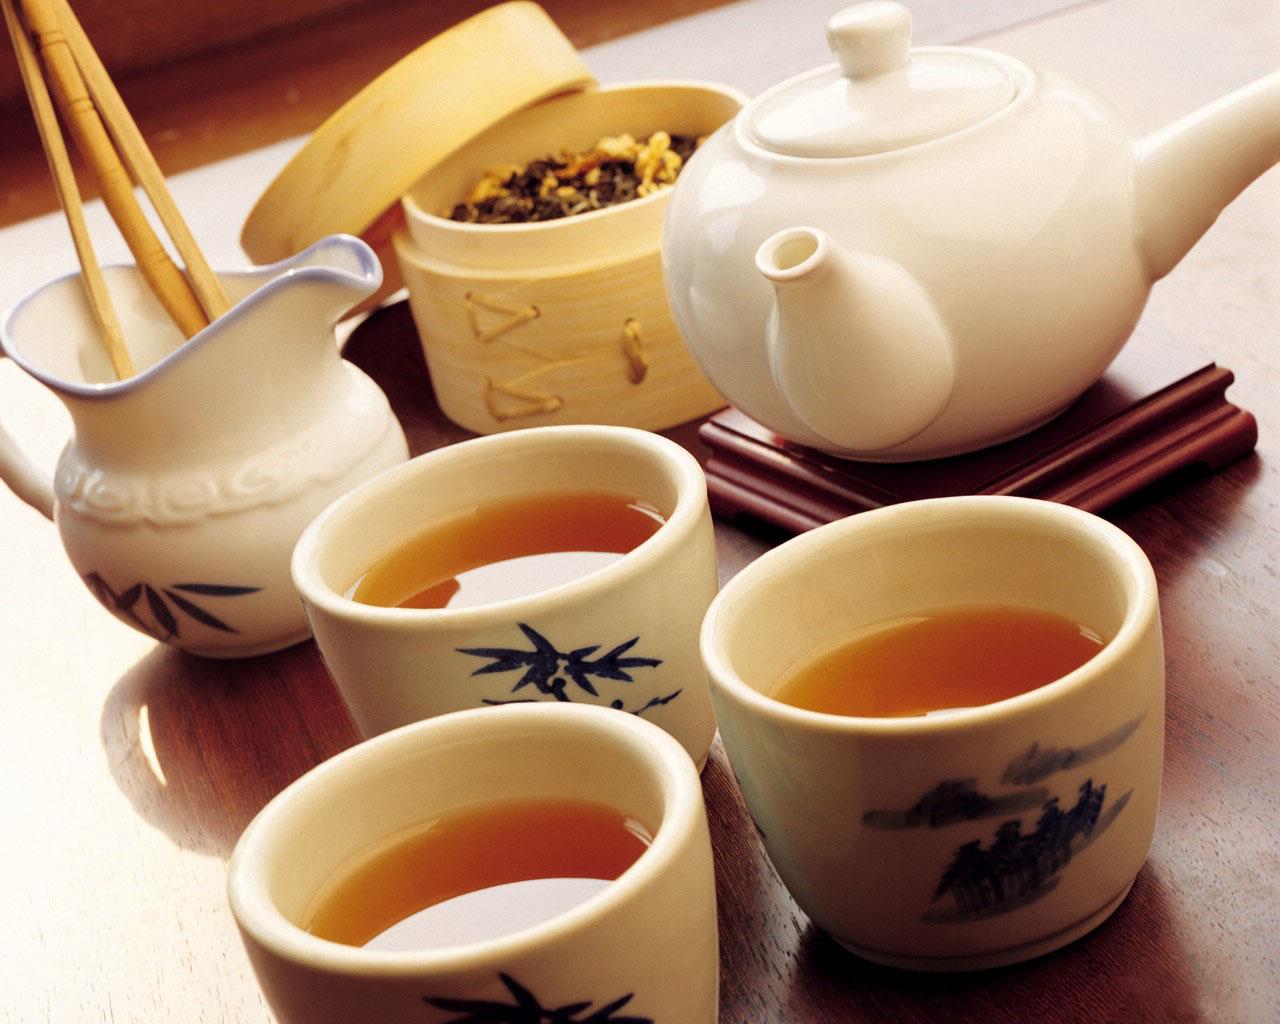 喝茶会加重老人便秘吗?如何调理呢?